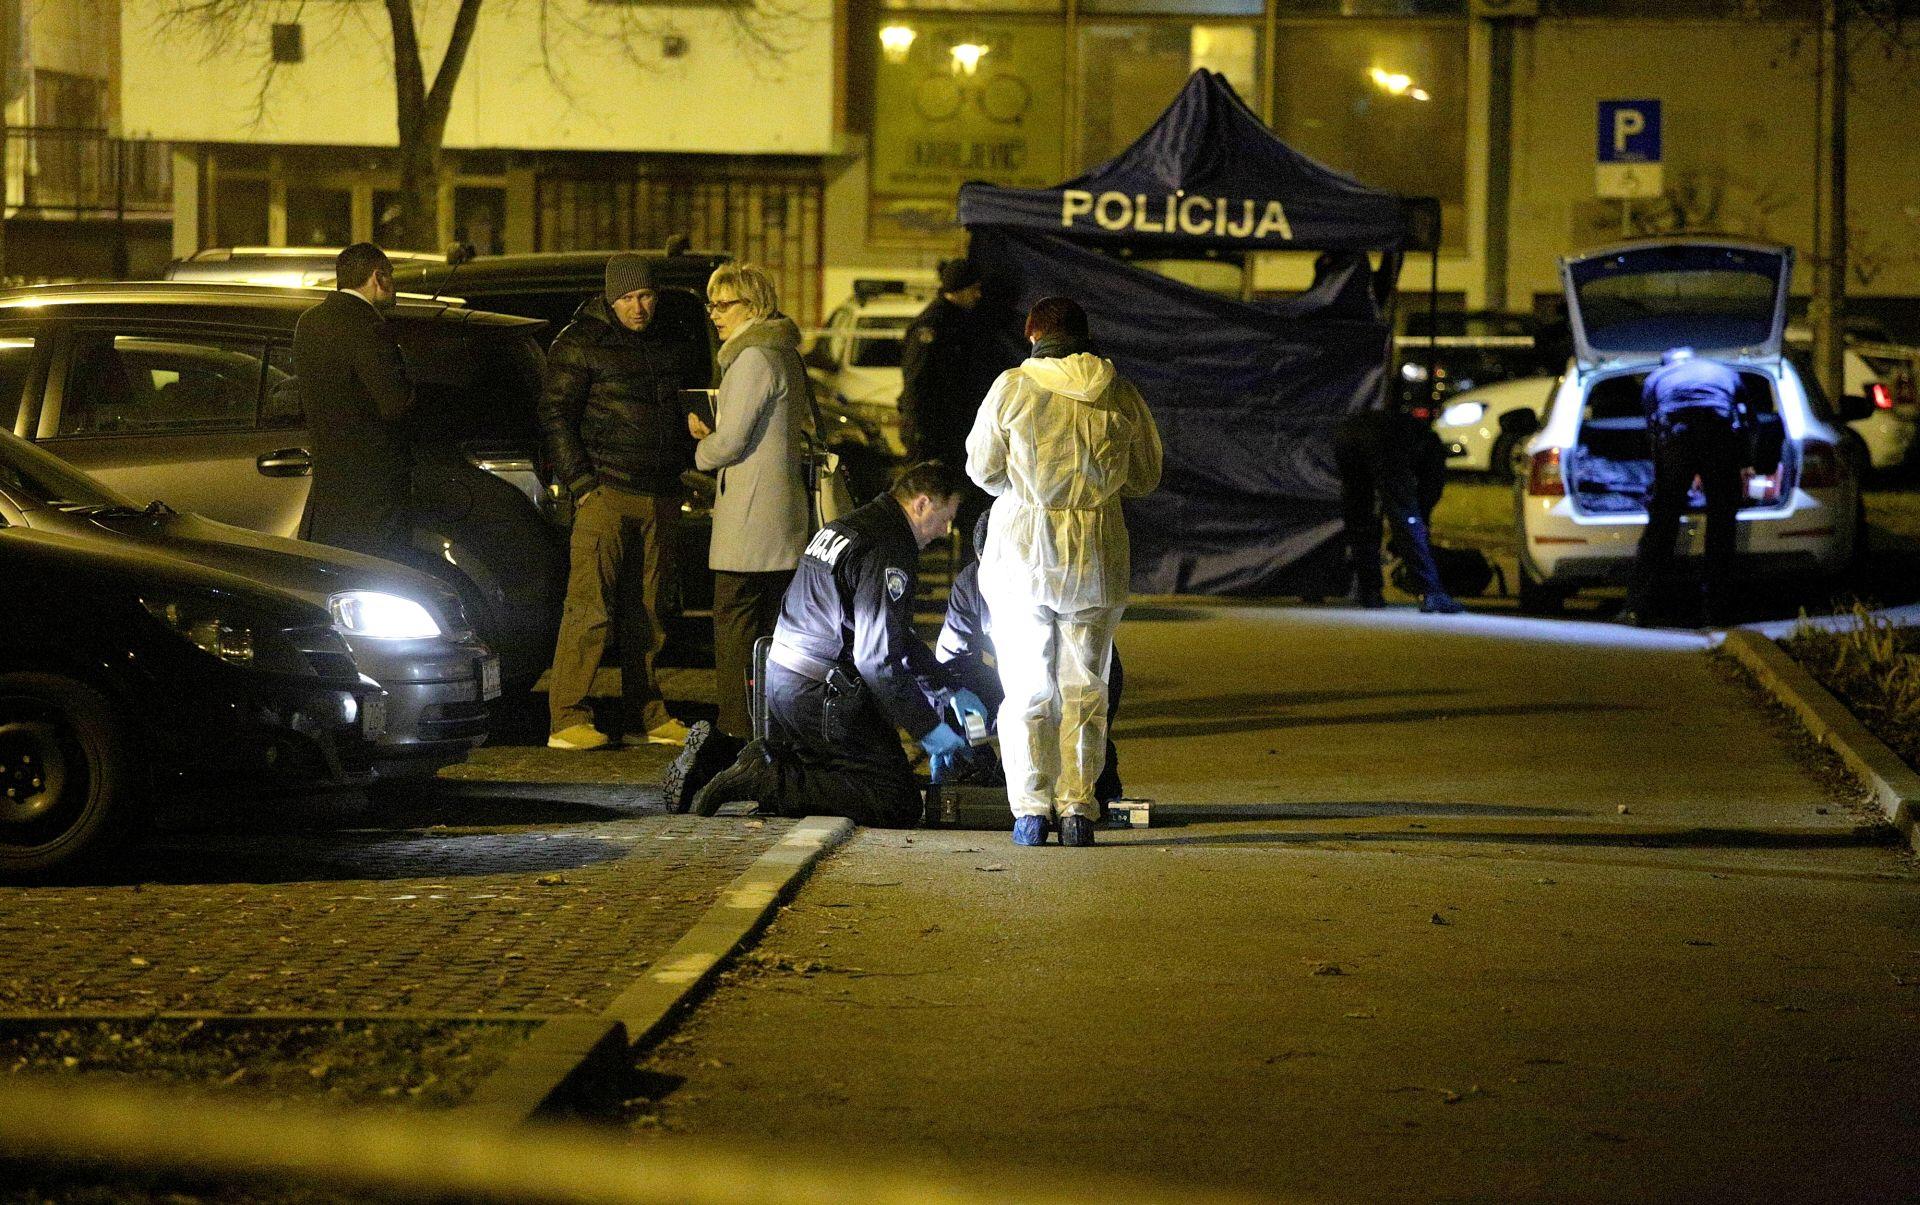 SINDIKAT POLICIJSKIH SLUŽBENIKA: Kod ubojstva djevojke u Zagrebu zakazale su druge institucije